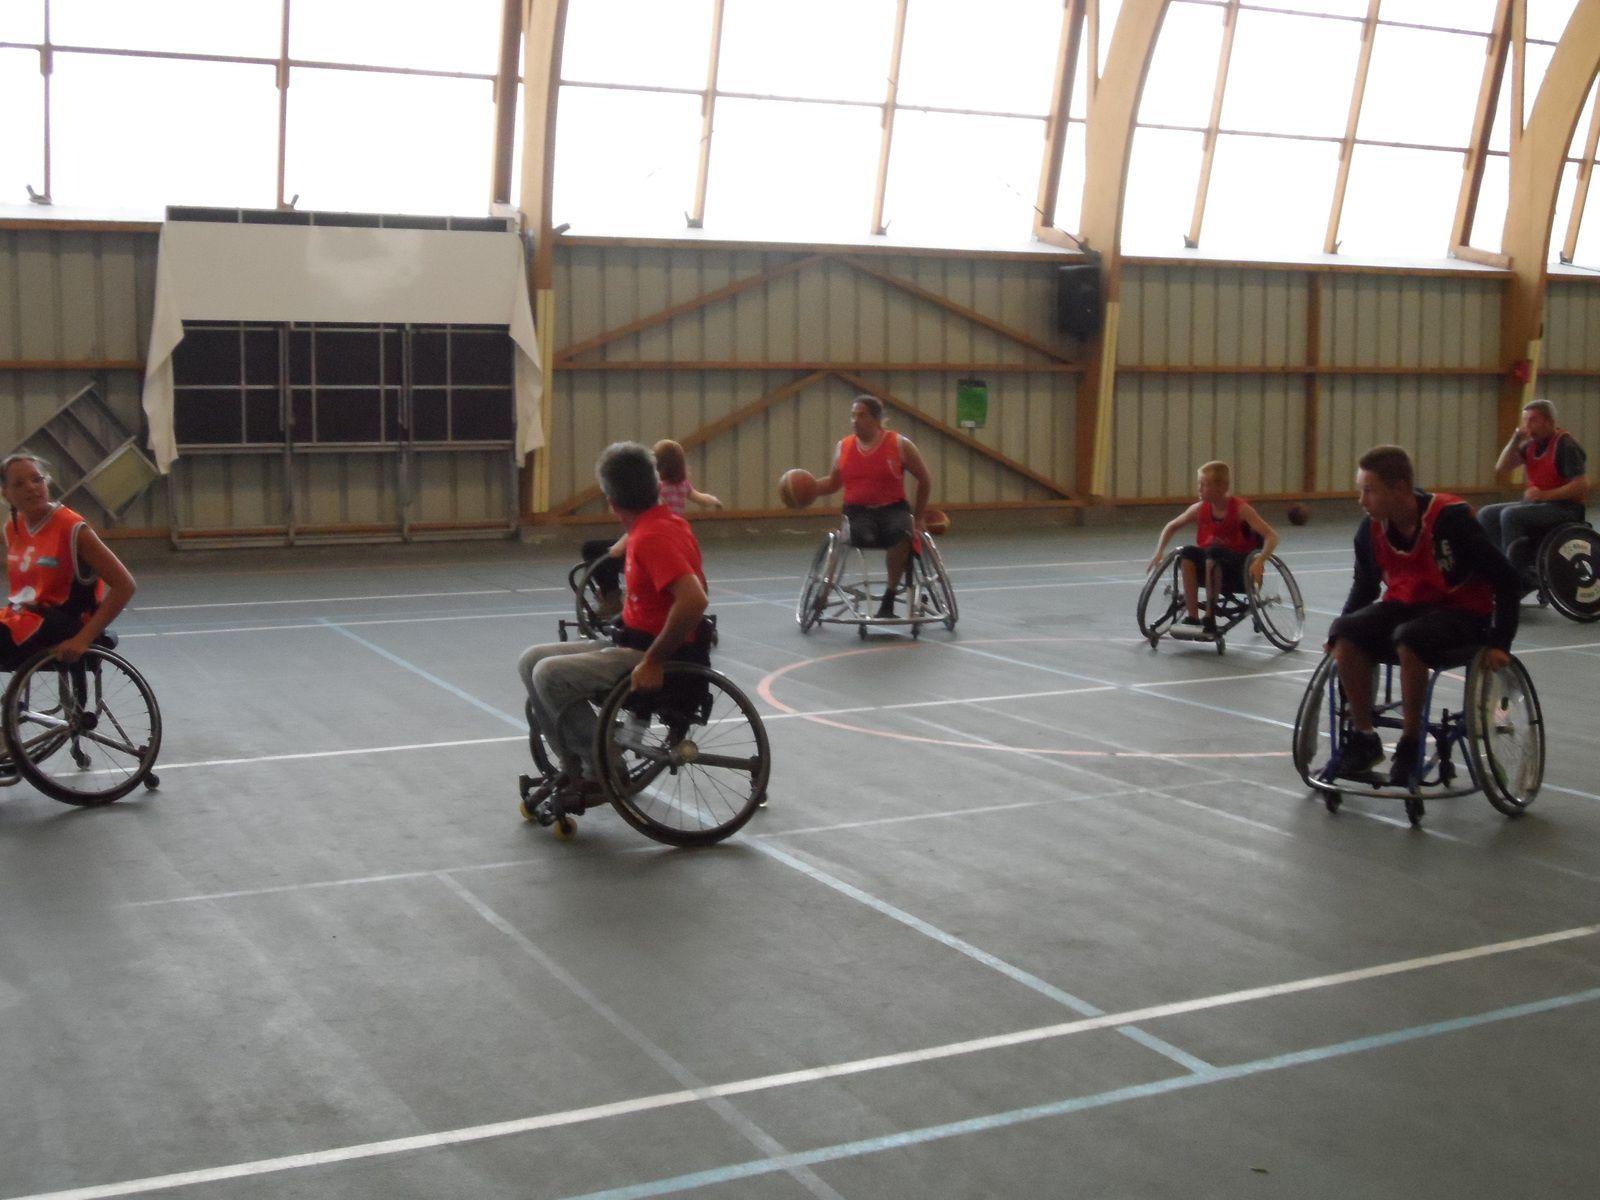 Dans le gymnase, des matchs de badminton, de basket et de tennis se sont déroulés en fauteuil. Il y en avait à la disposition des spectateurs qui ont pu se rendre compte de ce handicap.